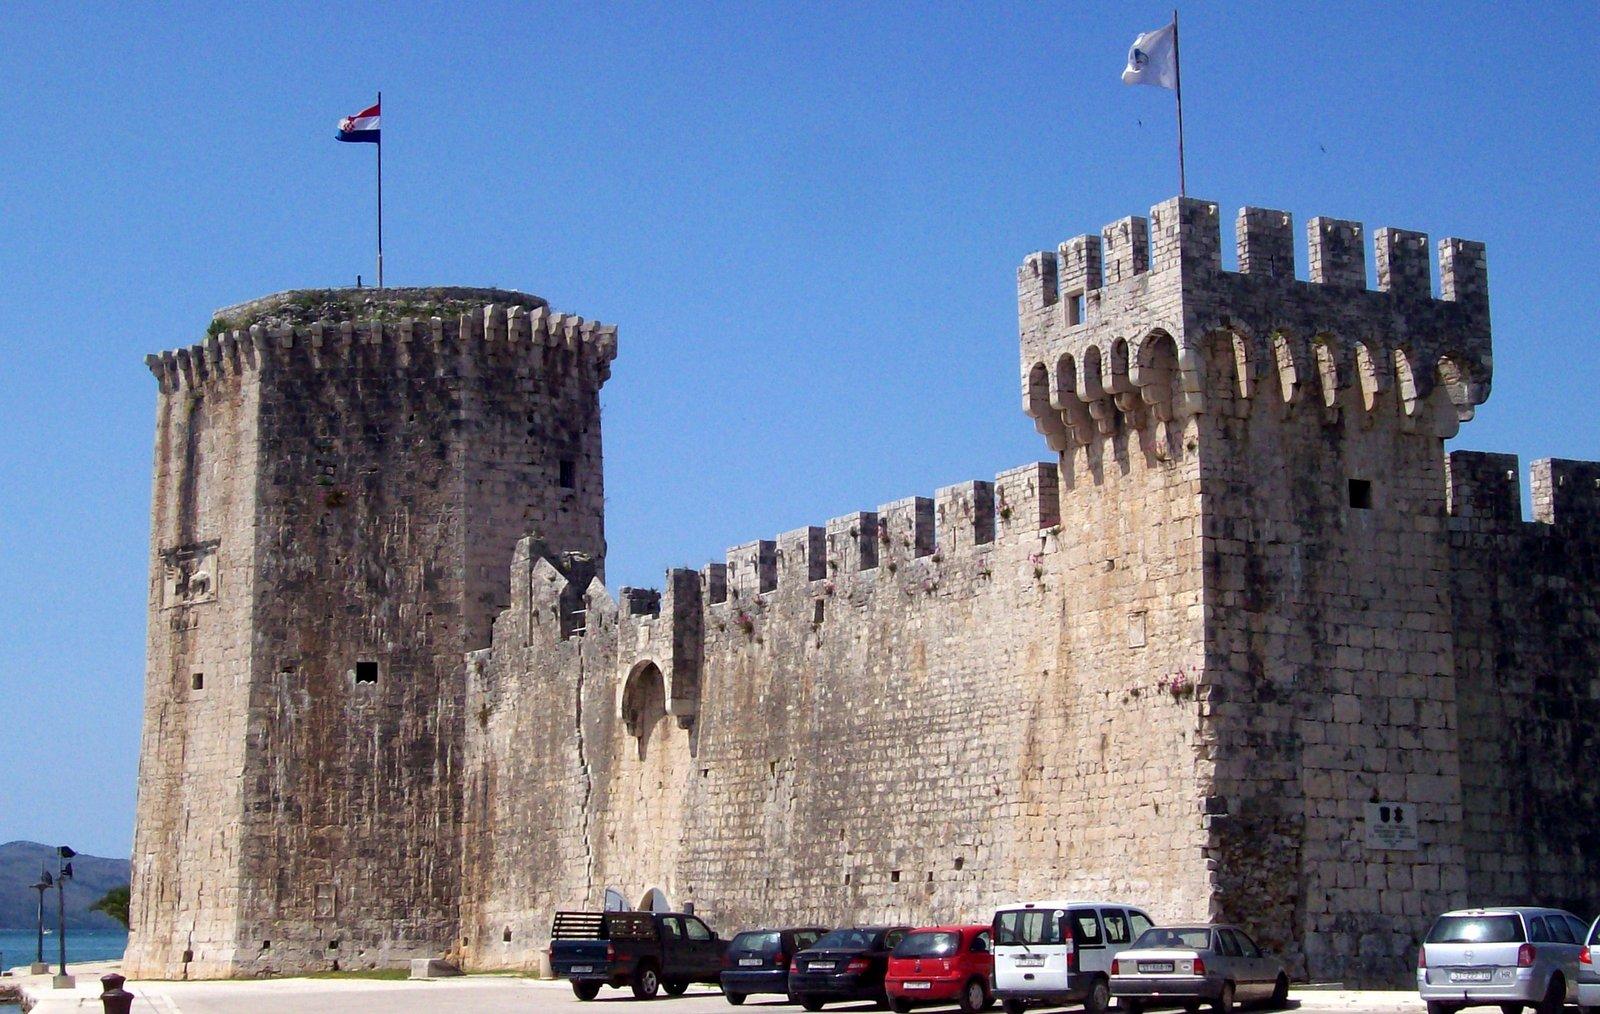 Festung Kamerlongo in Trogir - Dalmatien